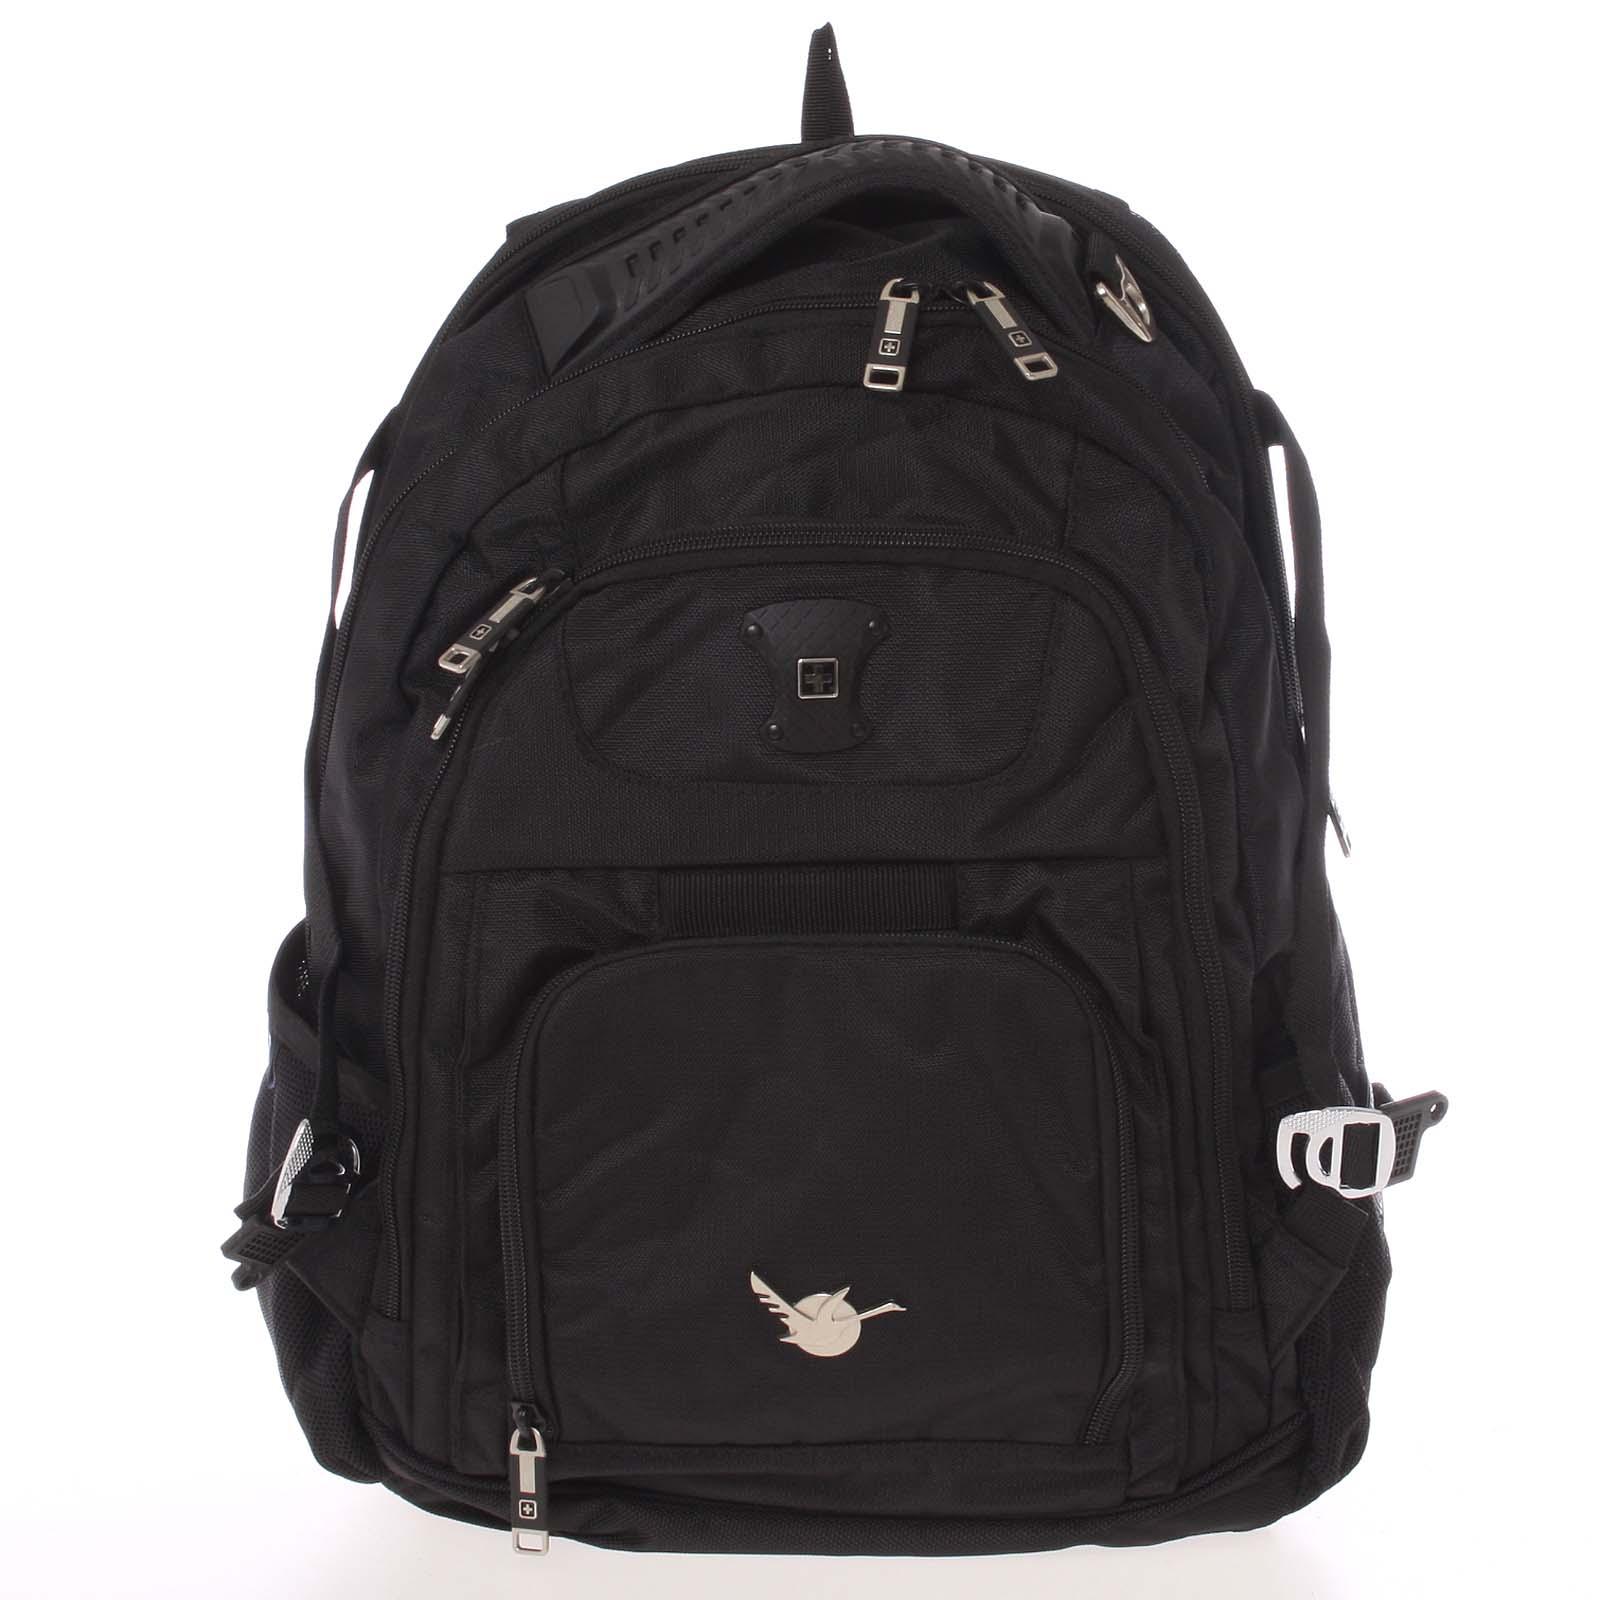 Luxusní a kvalitní turistický černý batoh - Suissewin 9081